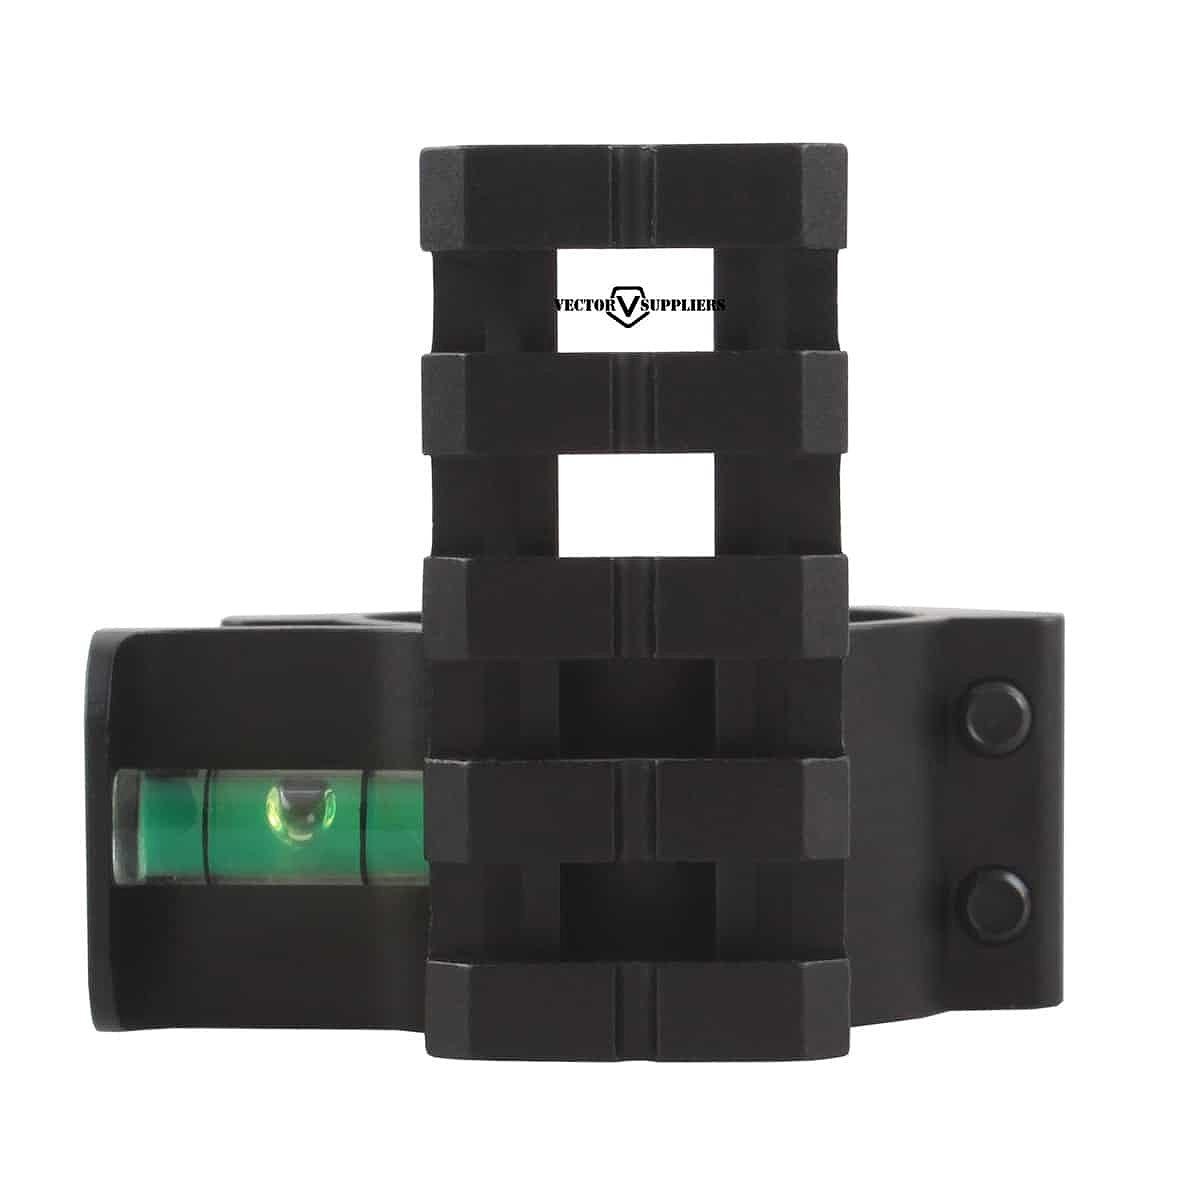 ベクターオプティクス 水平器 30/25.4mm Offset Bubblew/ Top Rail  Vector Optics SCACD-07